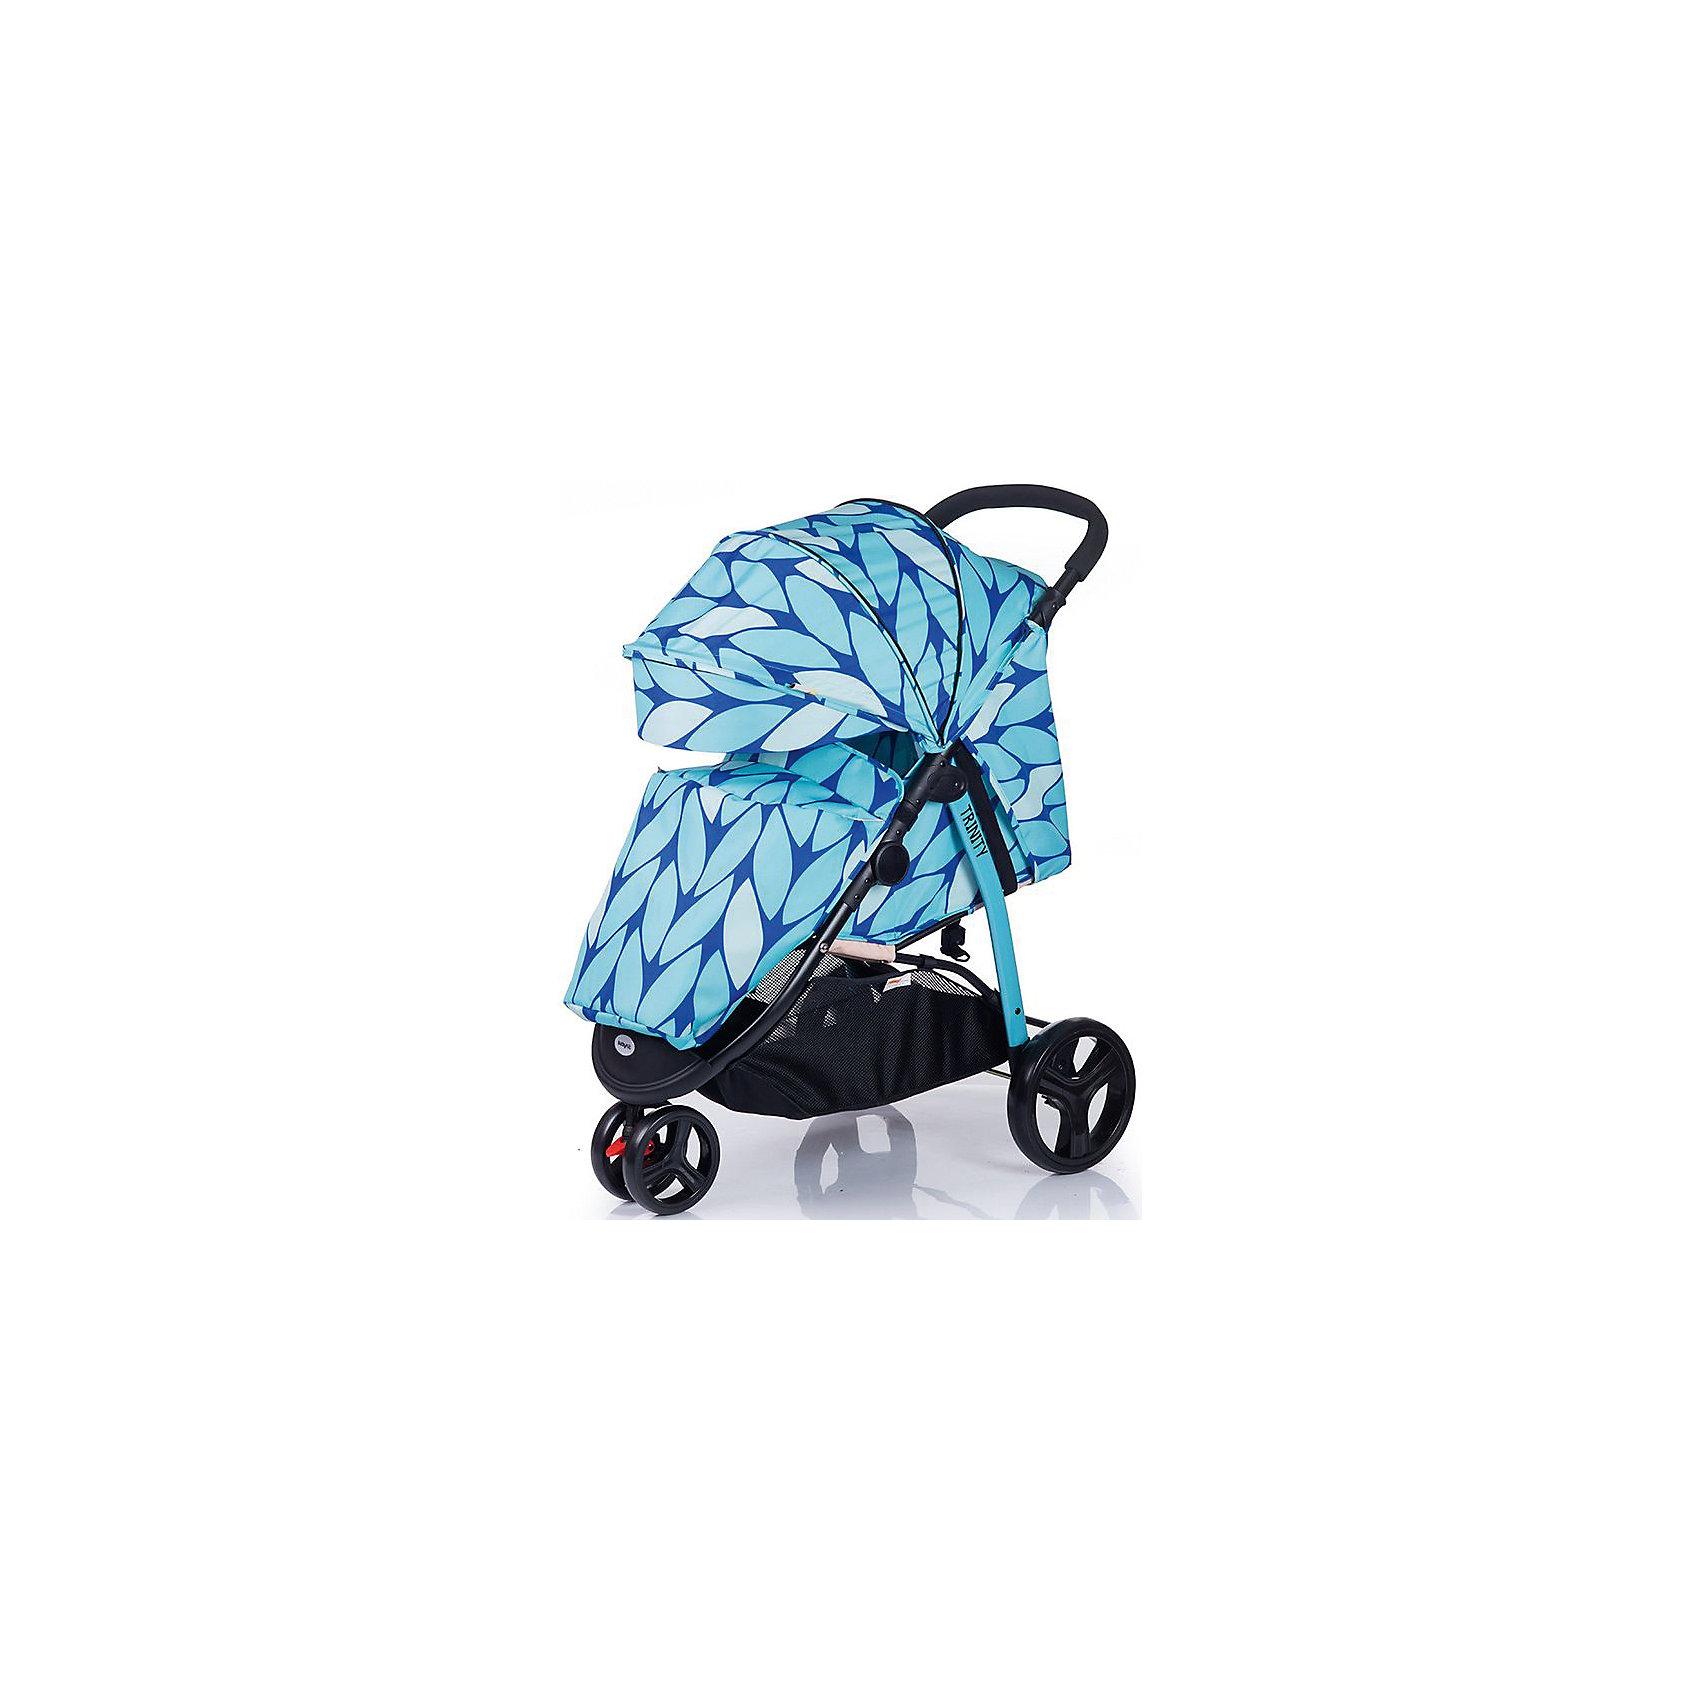 Прогулочная коляска BabyHit Trinity, голубой/синийНедорогие коляски<br>Характеристики коляски<br><br>Прогулочный блок:<br><br>• горизонтальное положение спинки, угол наклона 165 градусов;<br>• подножка регулируется и удлиняет спальное место;<br>• 5-ти точечные ремни безопасности;<br>• съемный защитный бампер с паховым ограничителем;<br>• капюшон-батискаф, опускается до бамера;<br>• калюшон оснащен солнцезащитным козырьком, смотровым окошком под клапаном и кармашком на липучке;<br>• пластиковая подножка для подросшего малыша;<br>• в комплект входит чехол на ножки и москитная сетка;<br>• материал: пластик, полиэстер;<br>• длина спального места: 75 см;<br>• ширина сиденья: 34 см<br>• высота спинки: 40 см;<br>• глубина сиденья: 22 см.<br><br>Рама коляски:<br><br>• коляска складывается вместе с прогулочным блоком по типу книжки;<br>• имеется корзина для покупок;<br>• 3-х колесная коляска;<br>• плавающее переднее колесо с фиксаторами;<br>• диаметр колес: 16,8 см, 24,8 см;<br>• материал колес: псевдорезина;<br>• материал рамы: алюминий.<br><br>Размер коляски: 85х58х105 см<br>Размер коляски в сложенном виде: 88х58х35 см<br>Вес коляски: 8,6 кг<br>Размер упаковки: 78х45х27,5 см<br>Вес в упаковке: 10 кг<br><br>Прогулочную коляску TRINITY, Babyhit, бежевую с коричневым можно купить в нашем интернет-магазине.<br><br>Ширина мм: 450<br>Глубина мм: 275<br>Высота мм: 780<br>Вес г: 10000<br>Возраст от месяцев: 7<br>Возраст до месяцев: 36<br>Пол: Унисекс<br>Возраст: Детский<br>SKU: 5500310